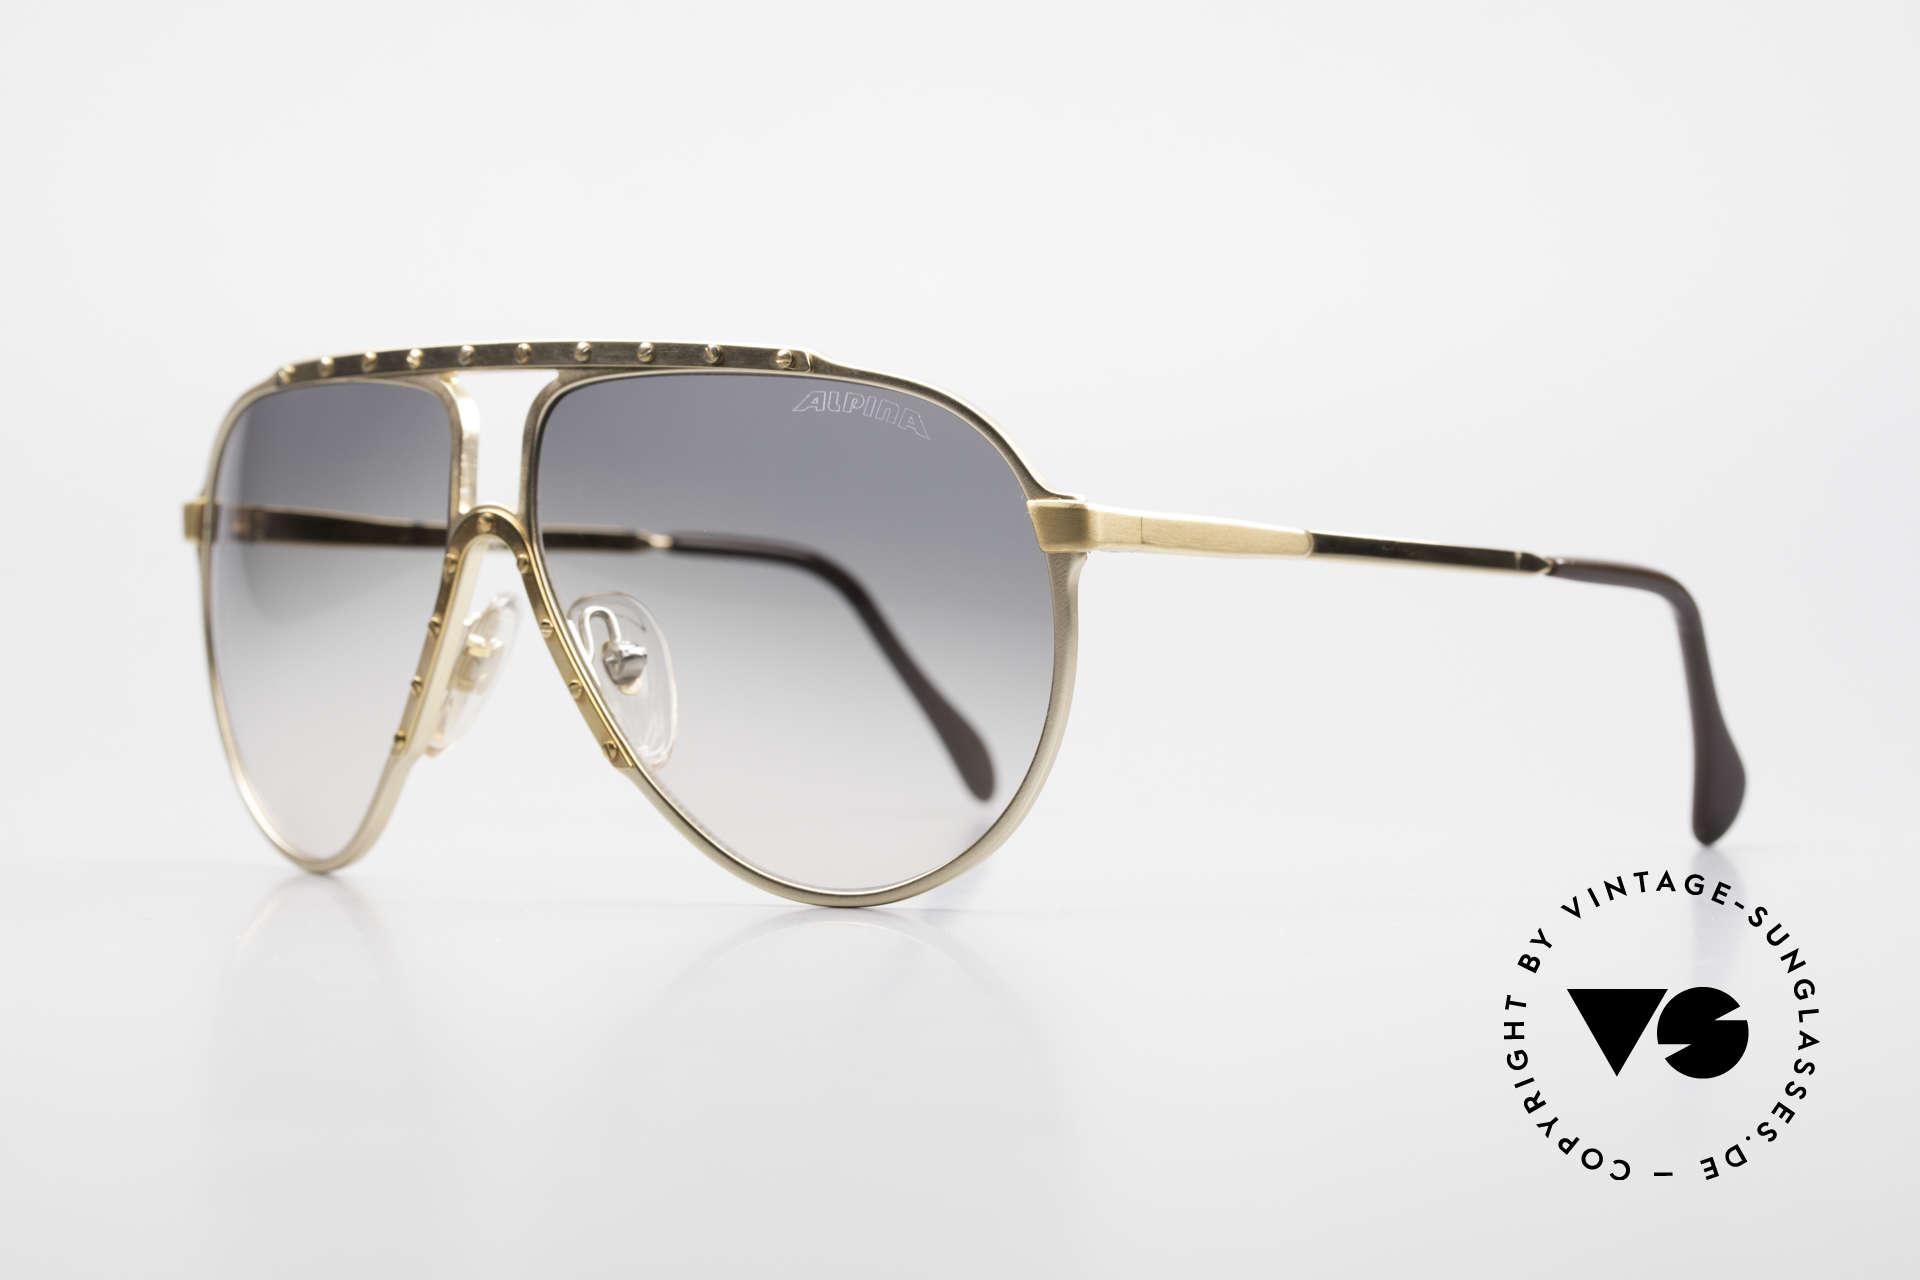 Alpina M1 80er Kult Vintage Sonnenbrille, Top-Qualität (VERGOLDET; made in W.Germany), Passend für Herren und Damen